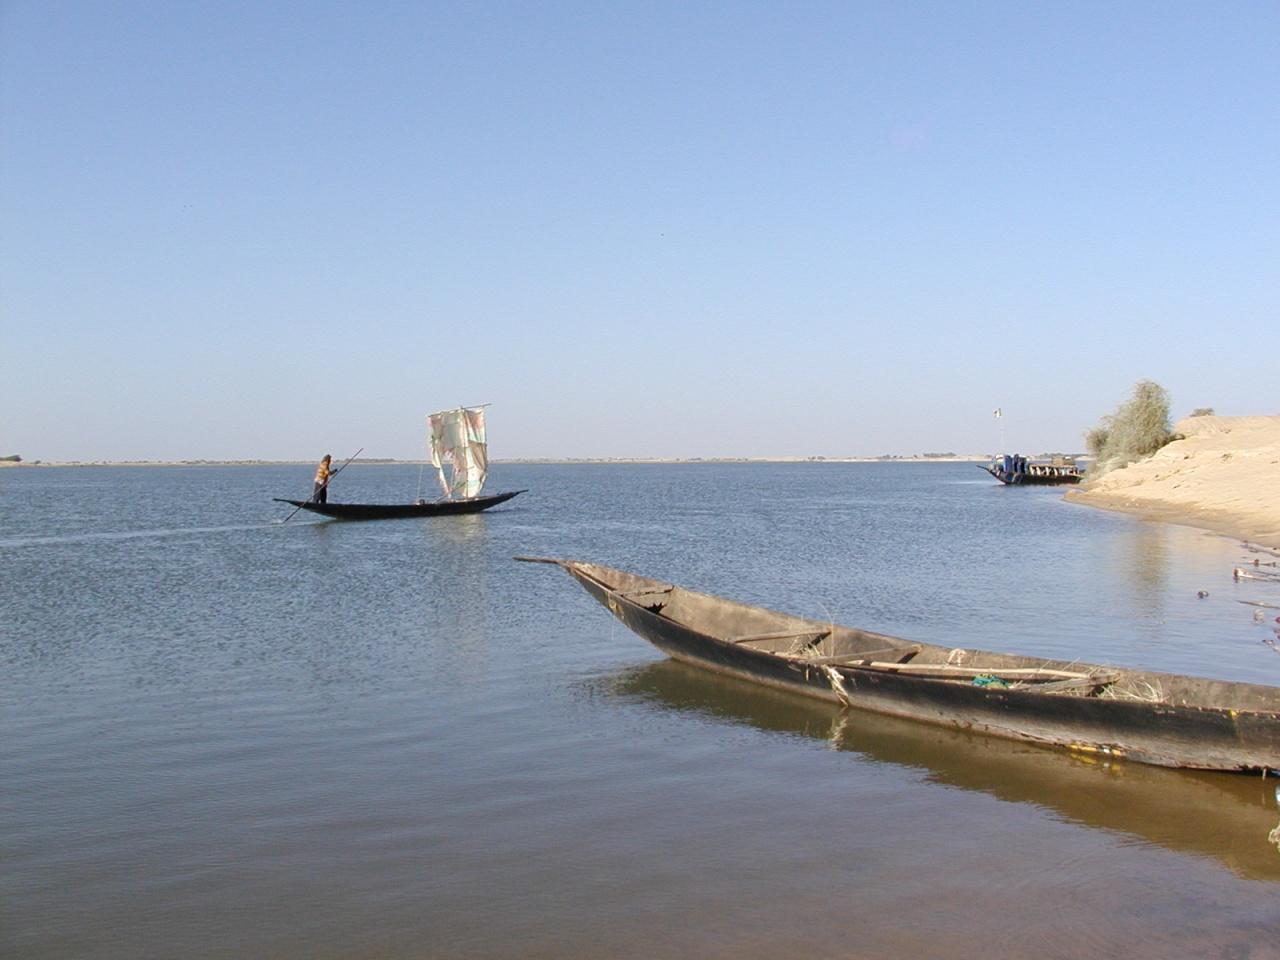 le Niger à Karkadjane